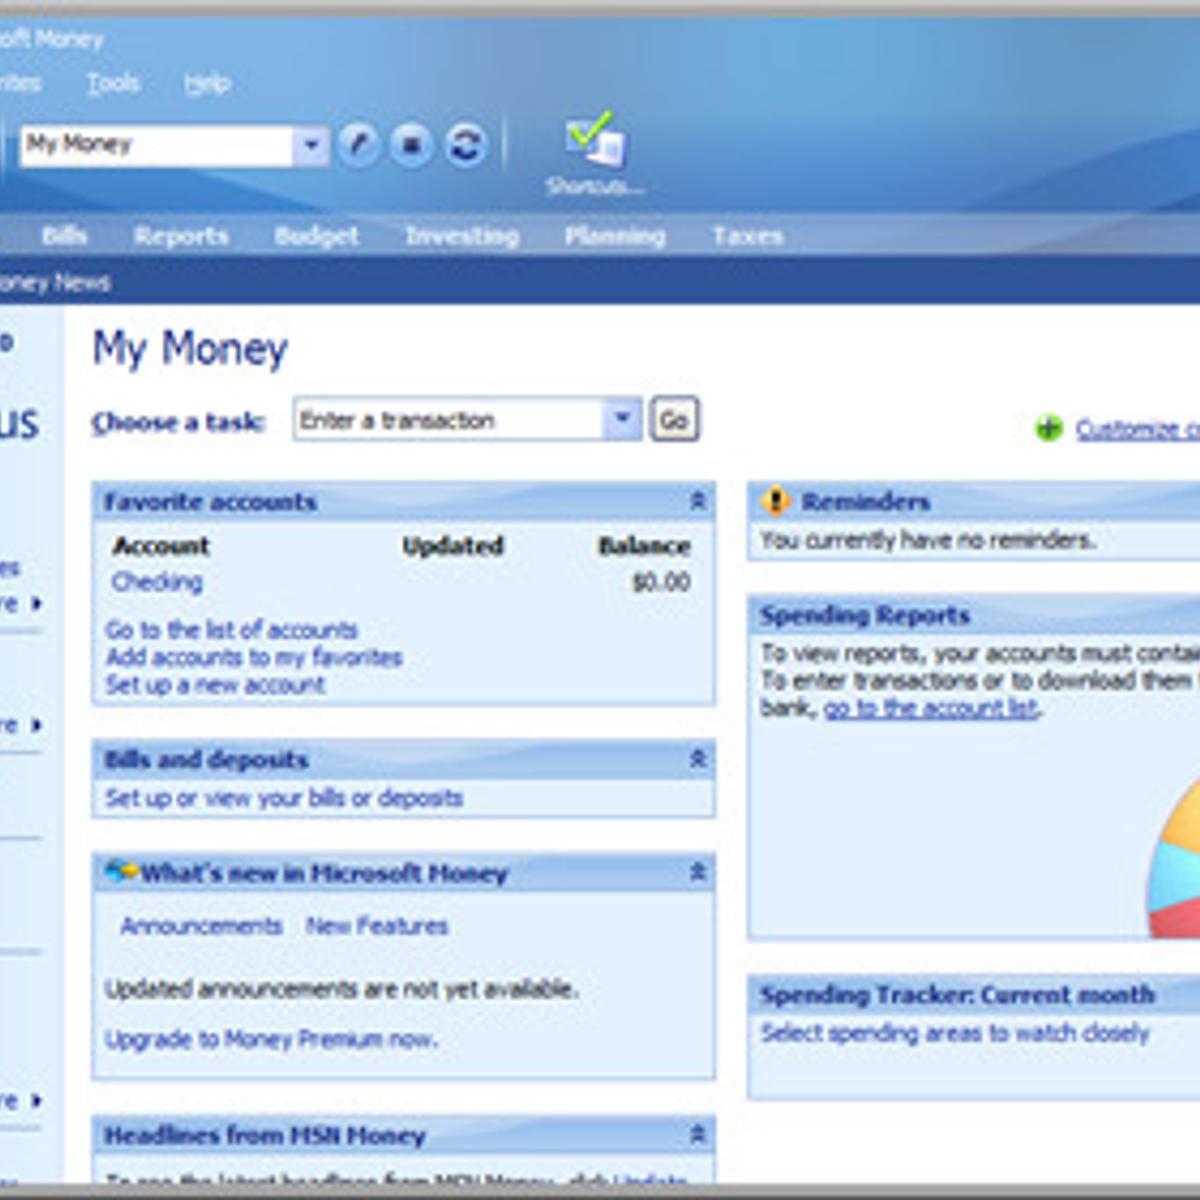 money plus sunset deluxe alternatives for ipad alternativeto net